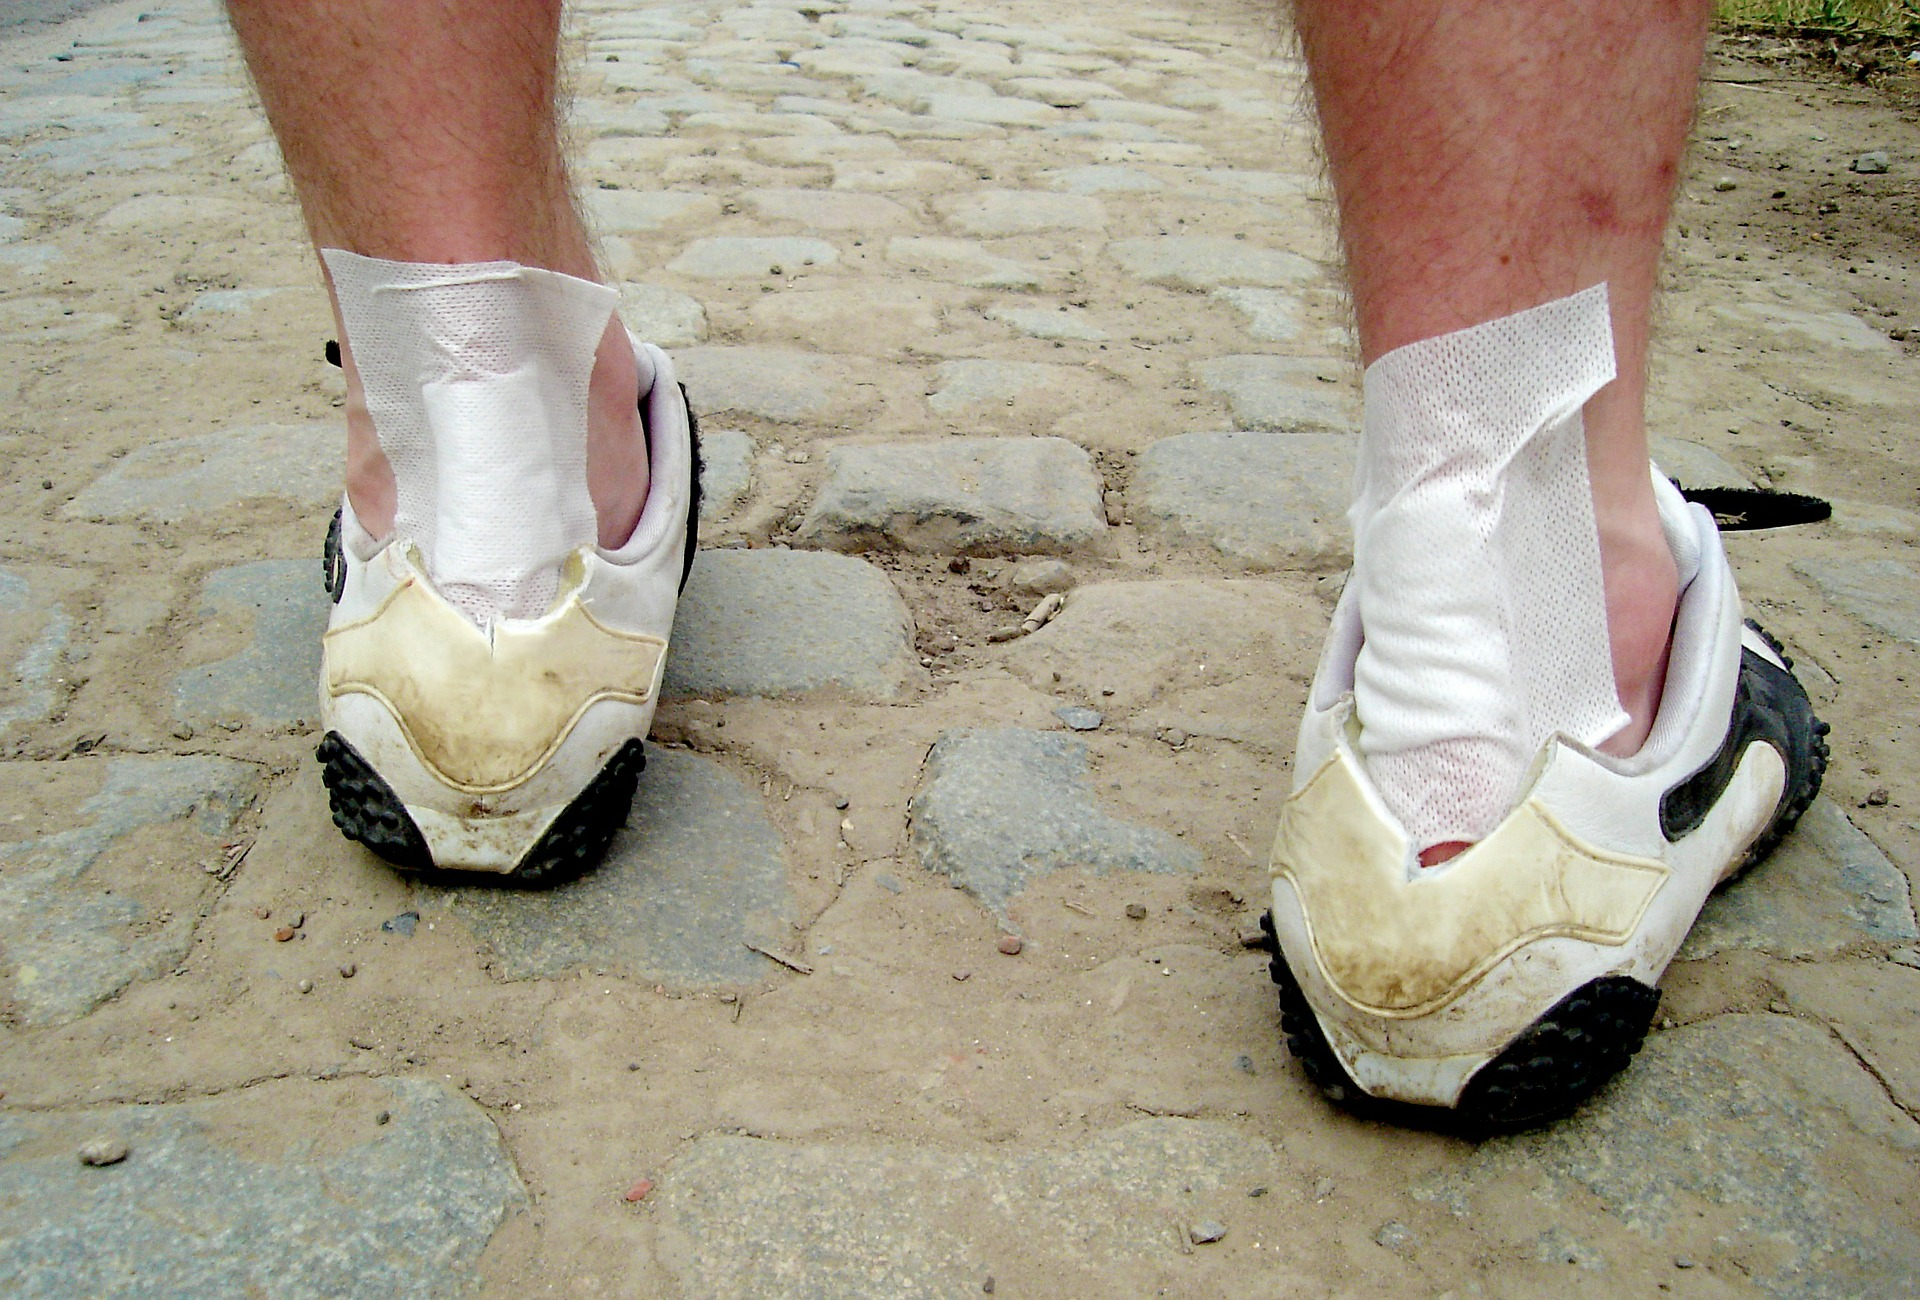 patch-pain-heel